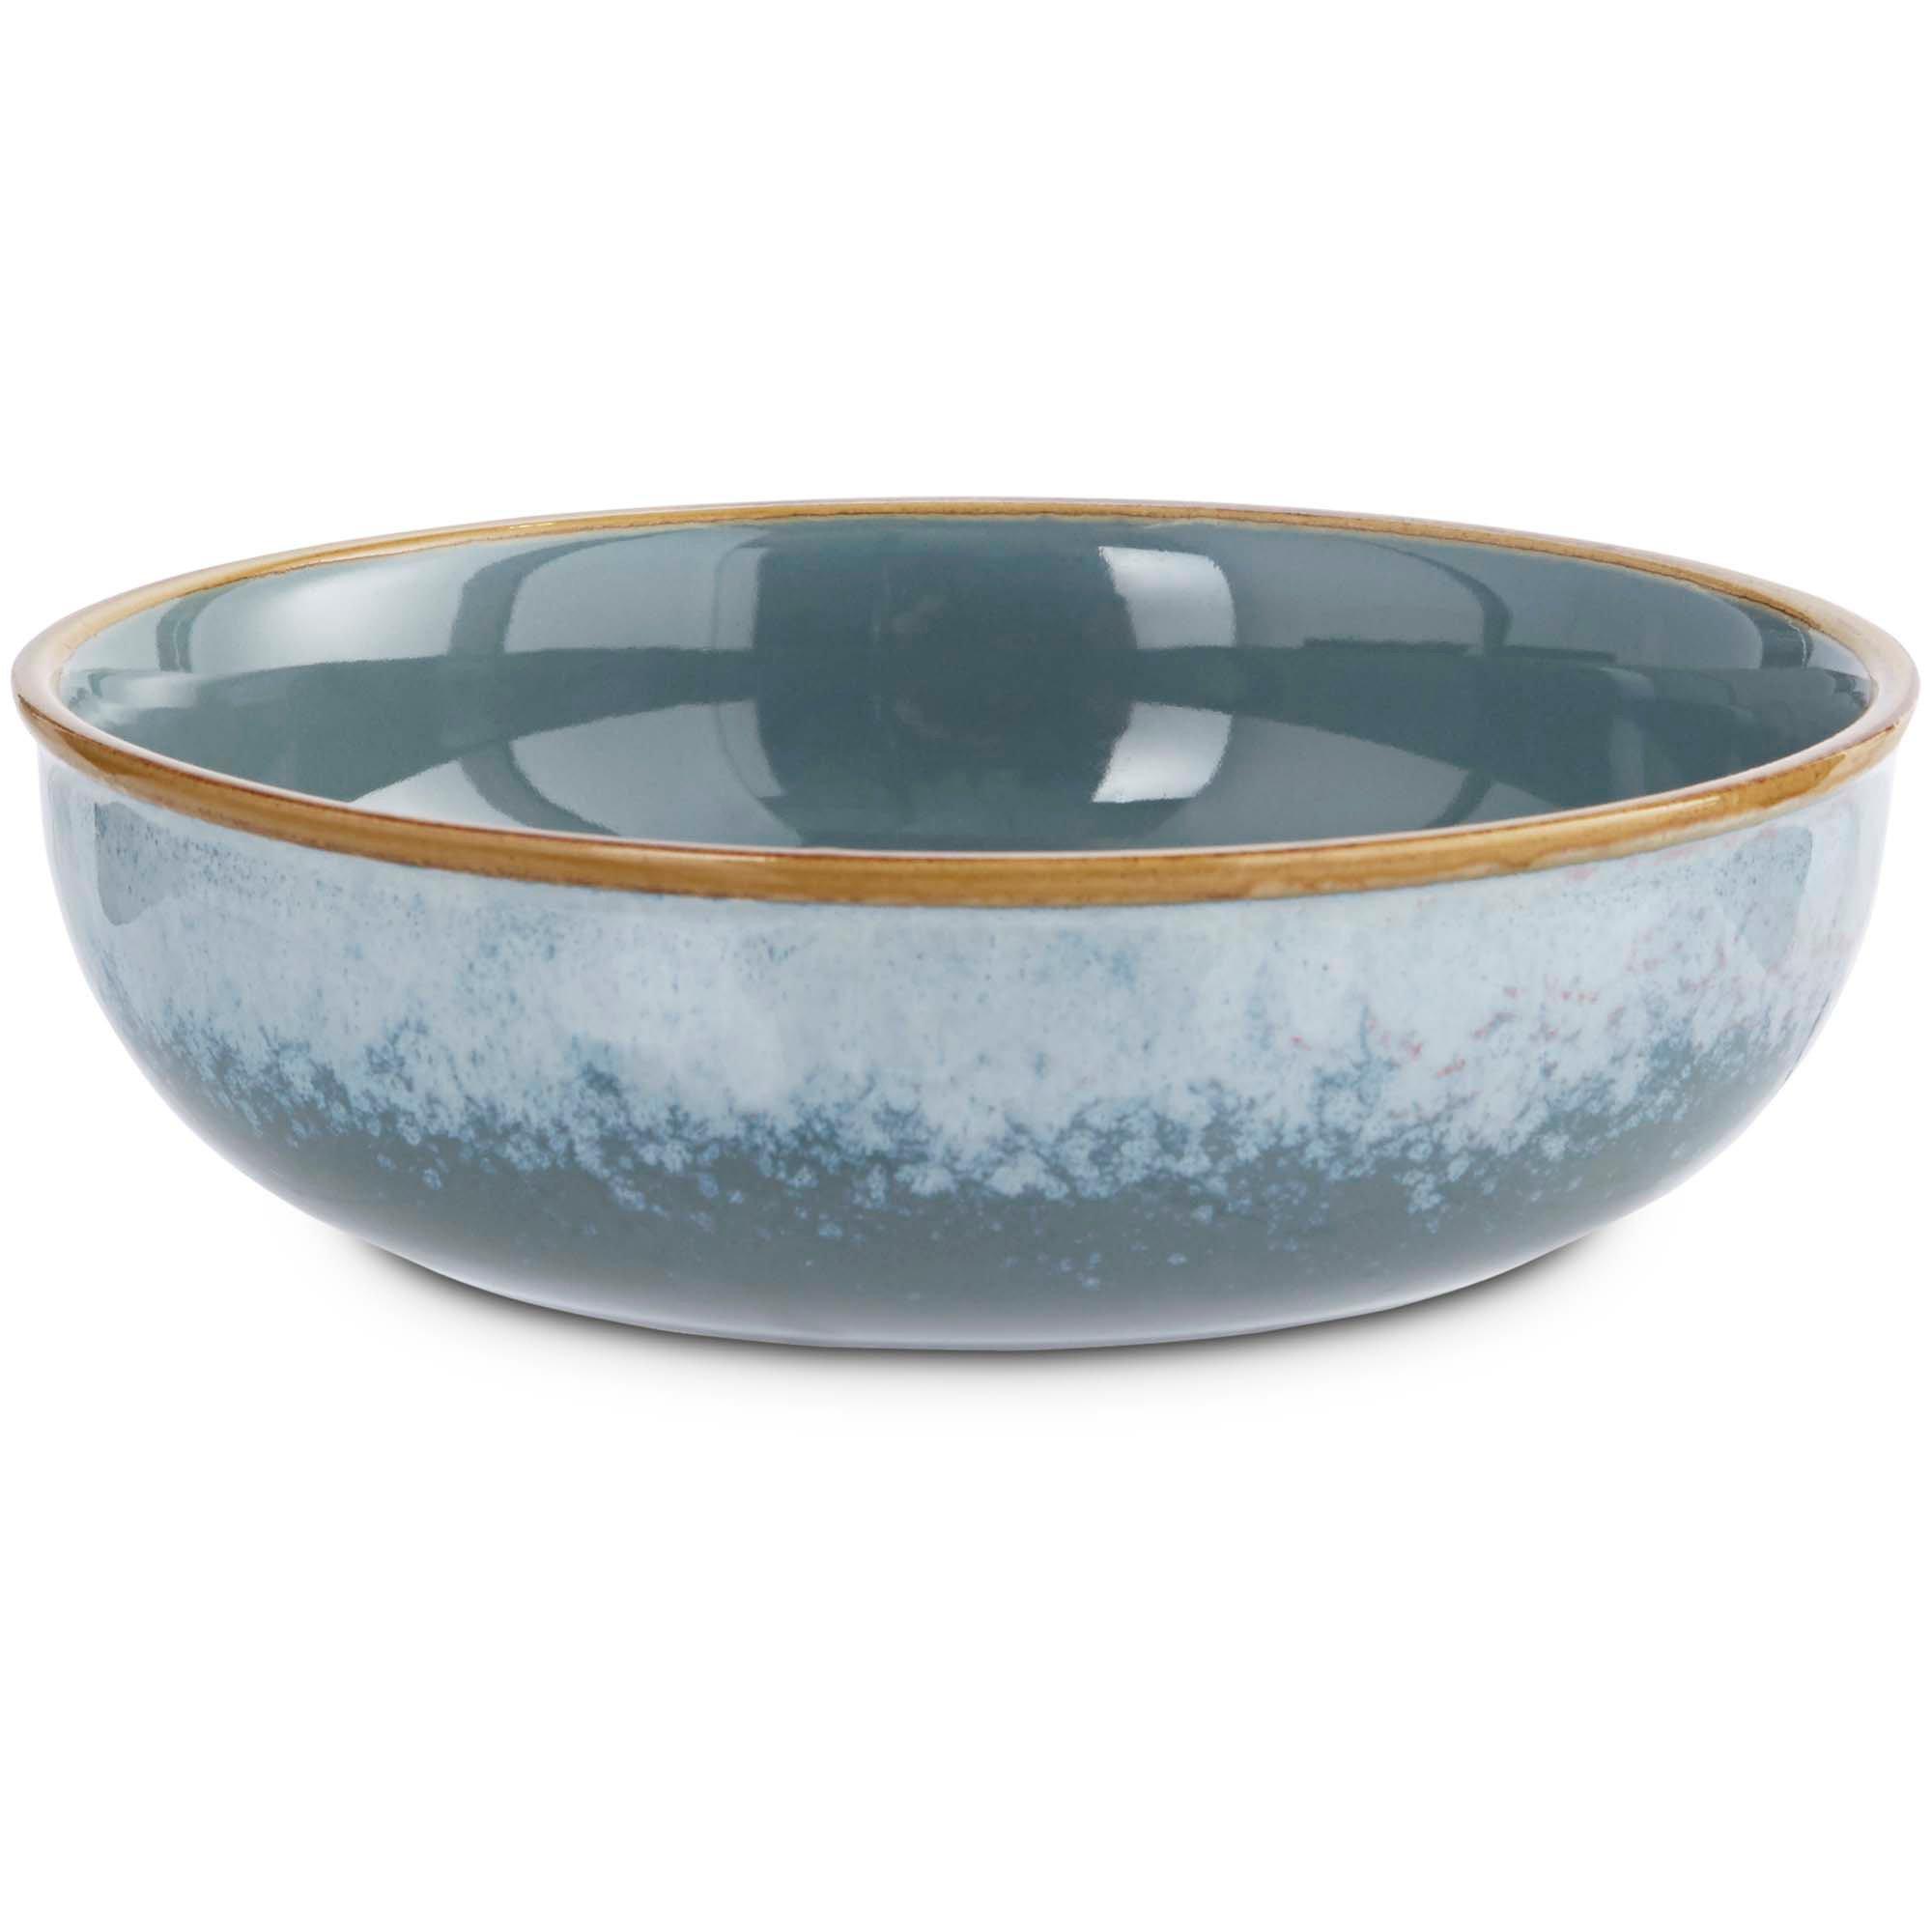 Serenity blue ceramic dog bowl petco for Petco fish bowl